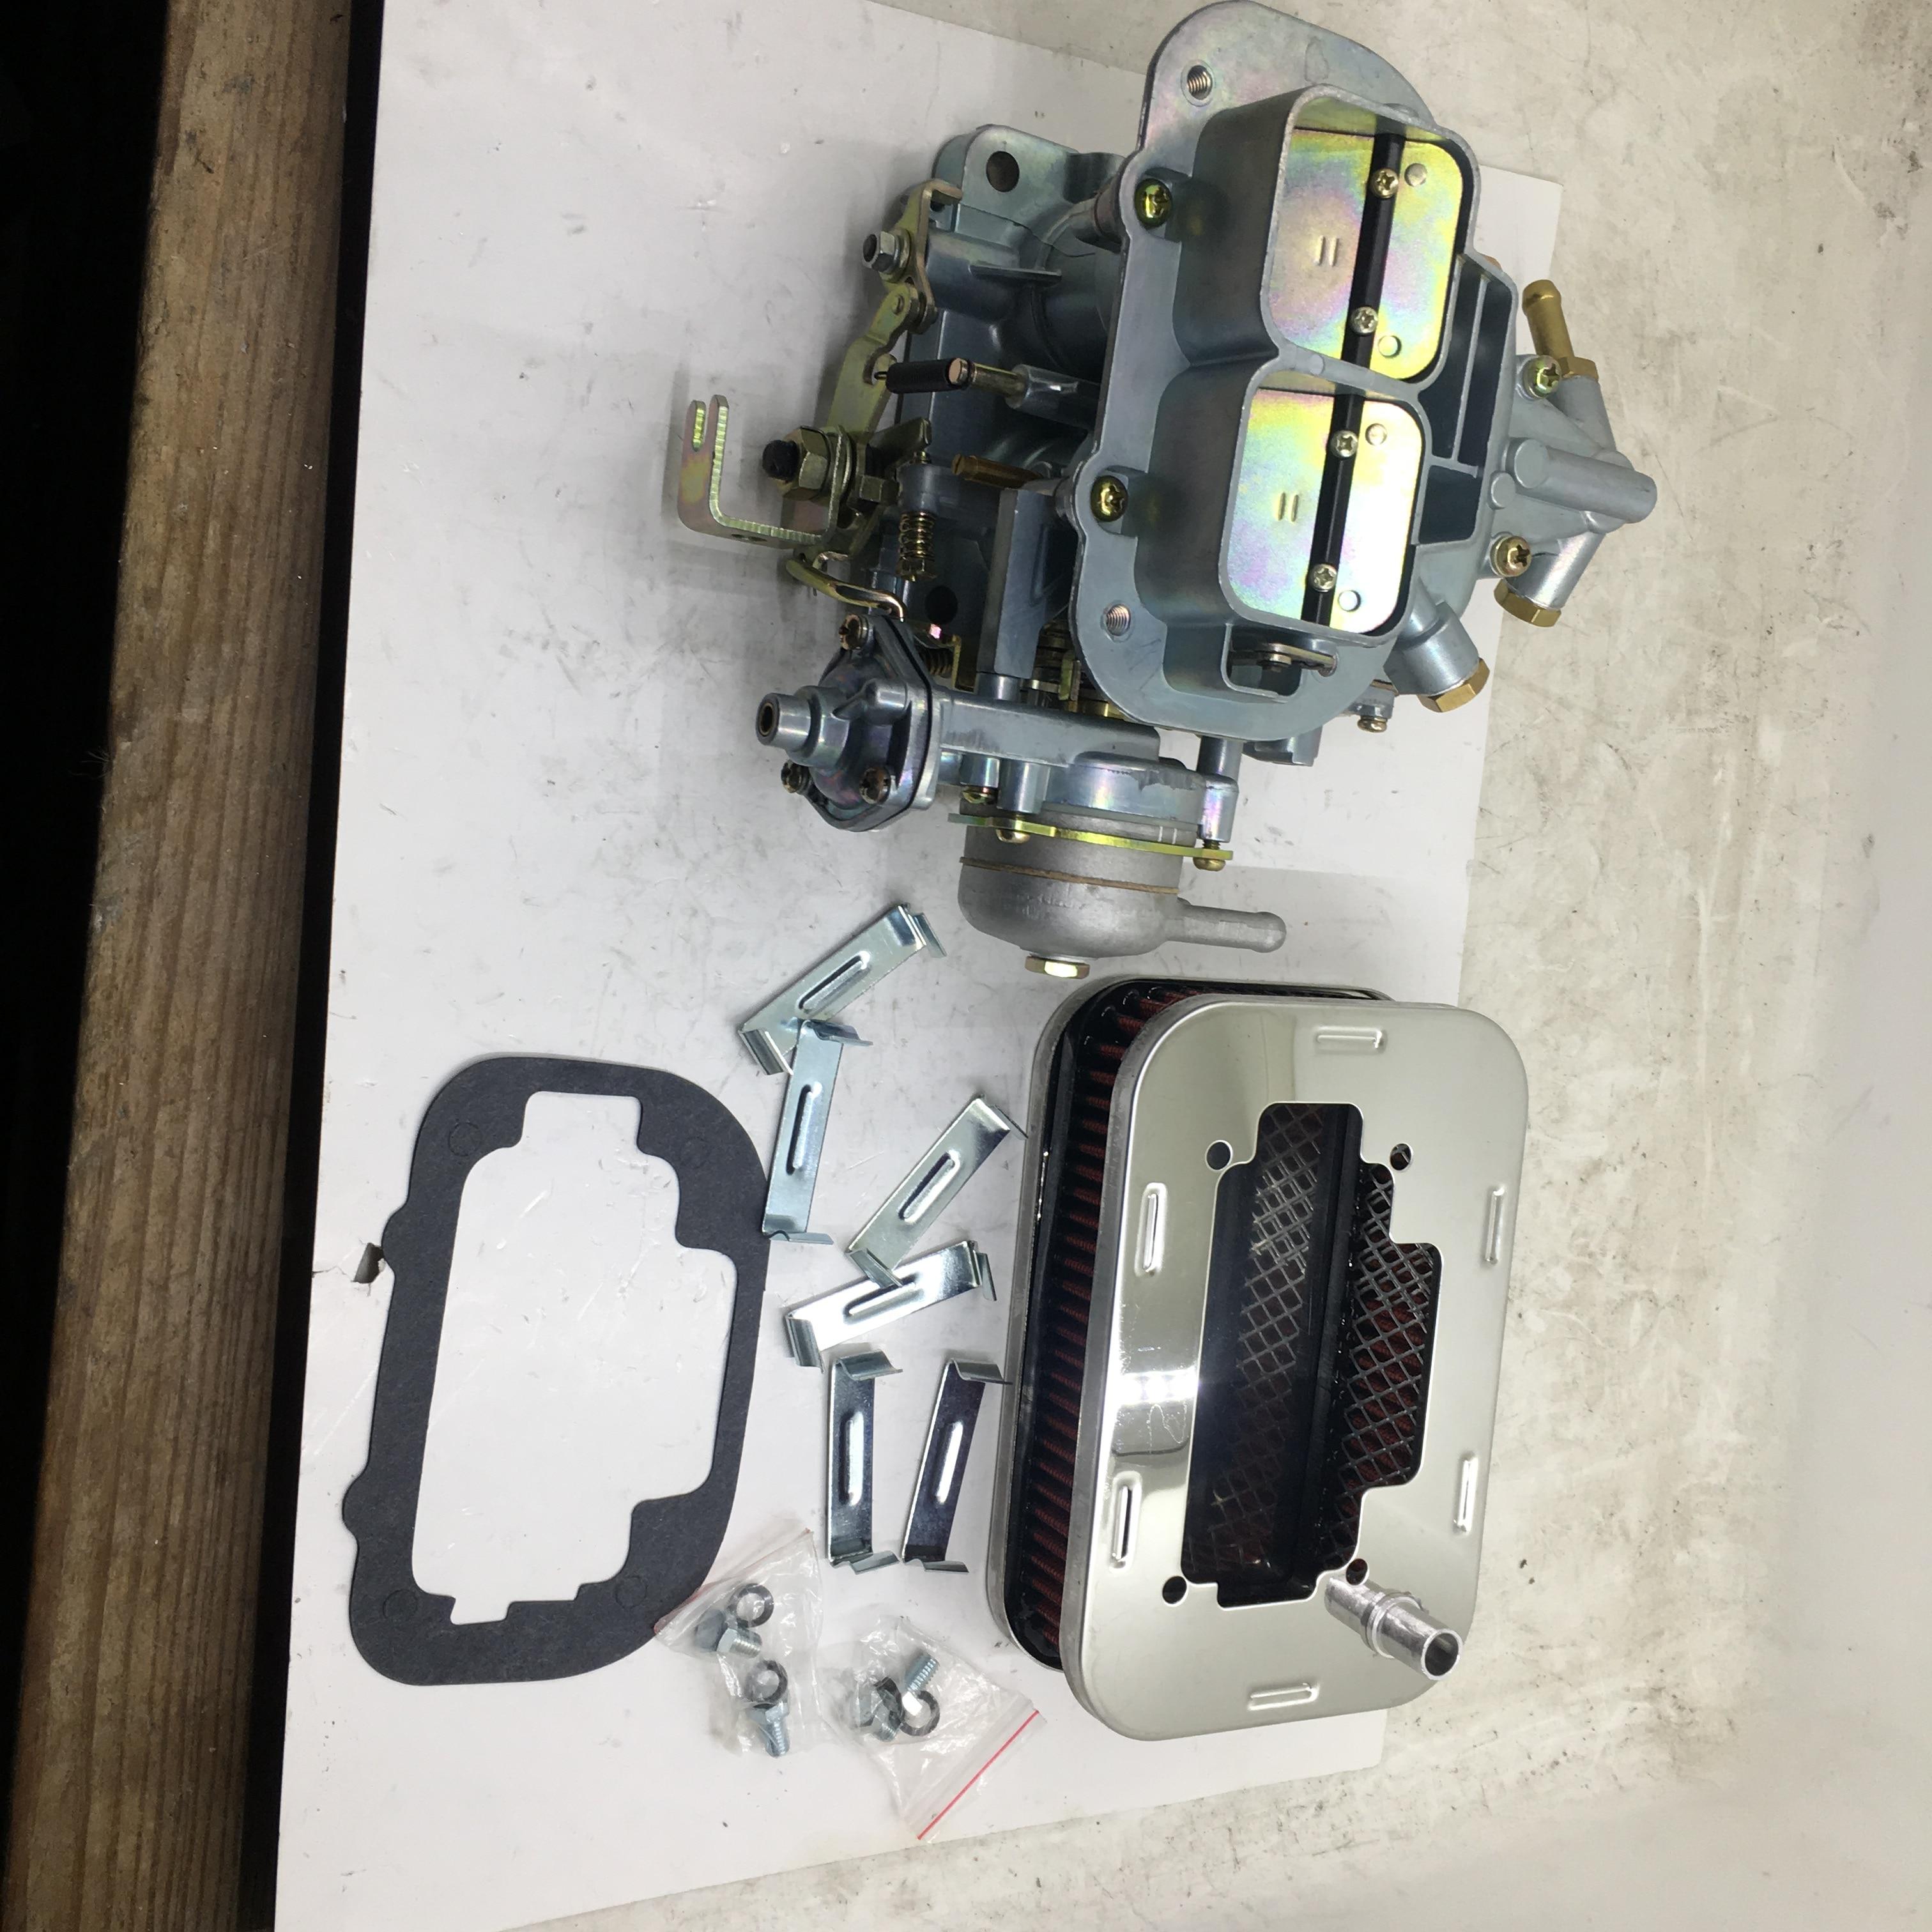 SherryBerg fajs CARB dla Weber 32/36 zestaw do konwersji gaźnika DGAV dławik wody 2 beczki + filtr powietrza dla suzuki samurai 1985-89